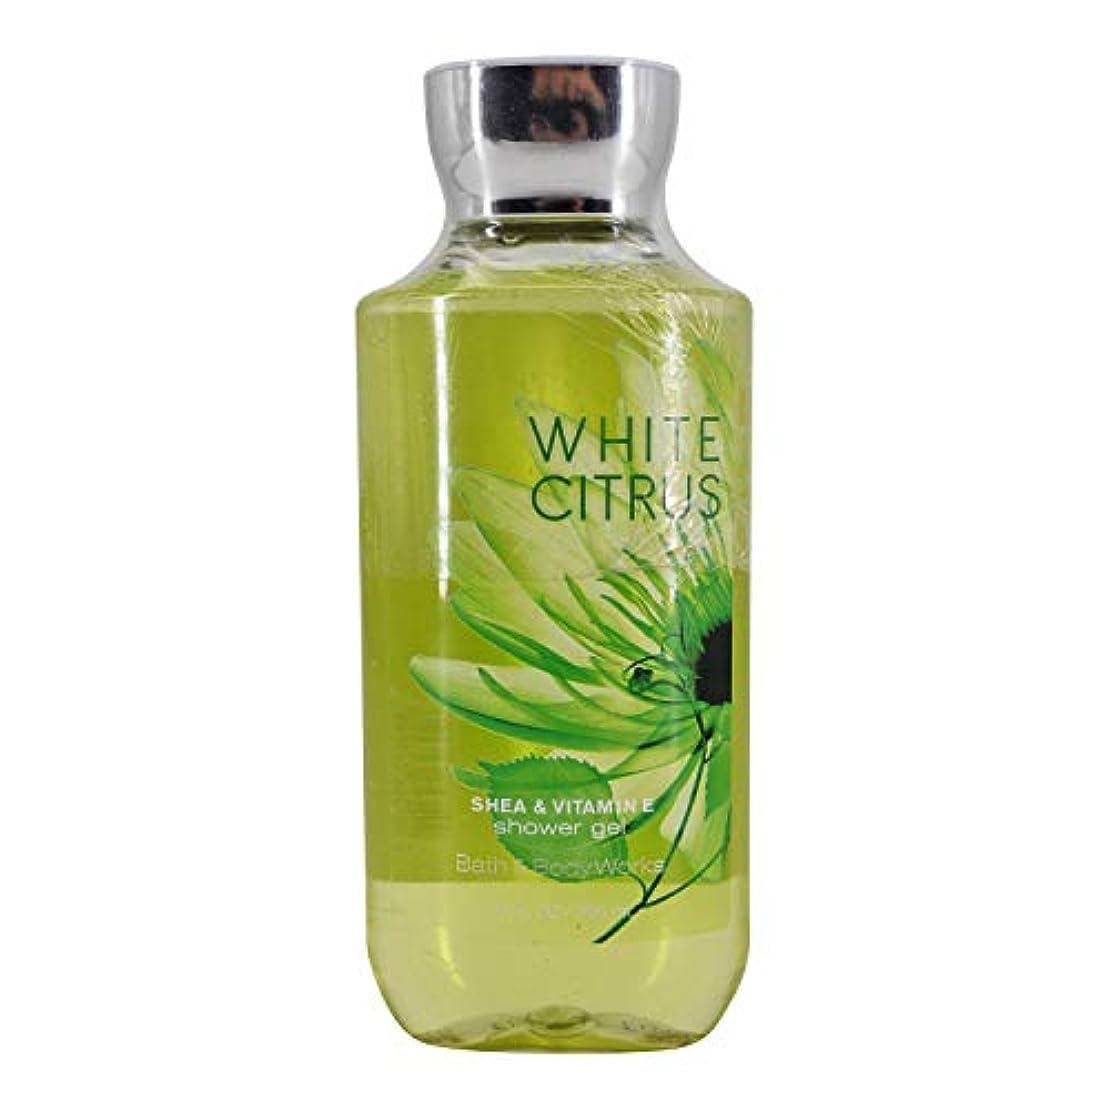 思いやりポジション消費【Bath&Body Works/バス&ボディワークス】 シャワージェル ホワイトシトラス Shower Gel White Citrus 10 fl oz / 295 mL [並行輸入品]